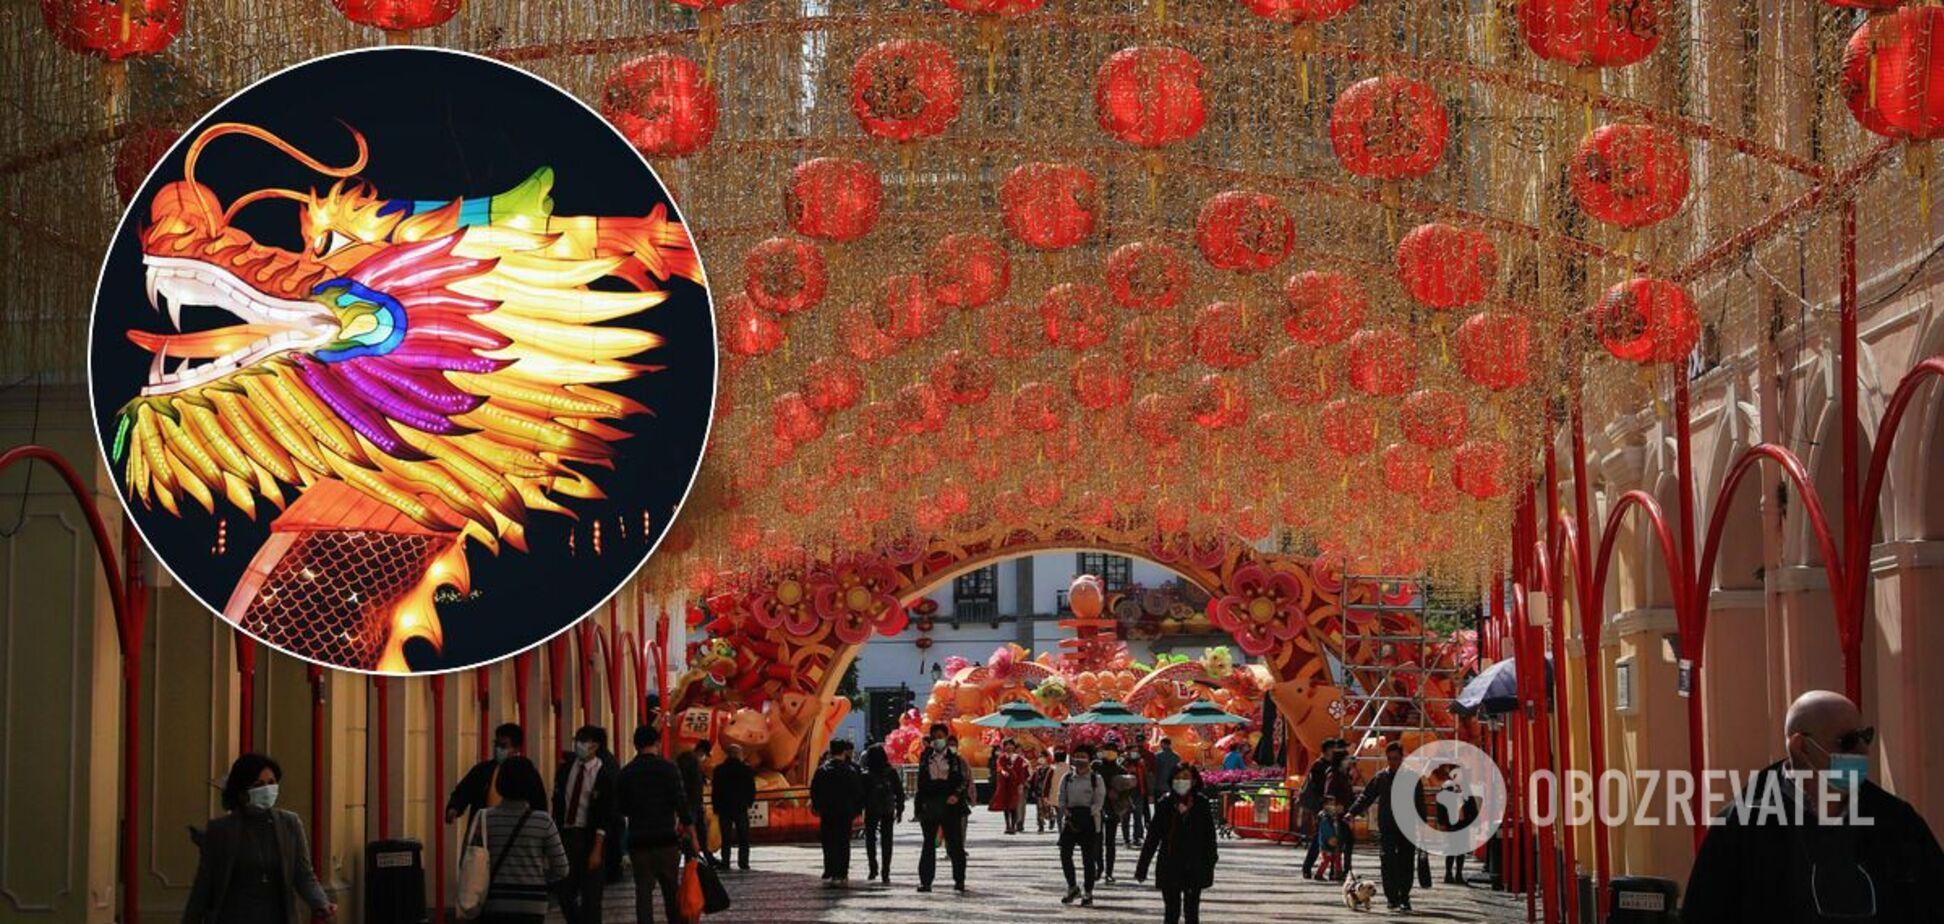 История празднования Нового года в Китае насчитывает более трех тысяч лет